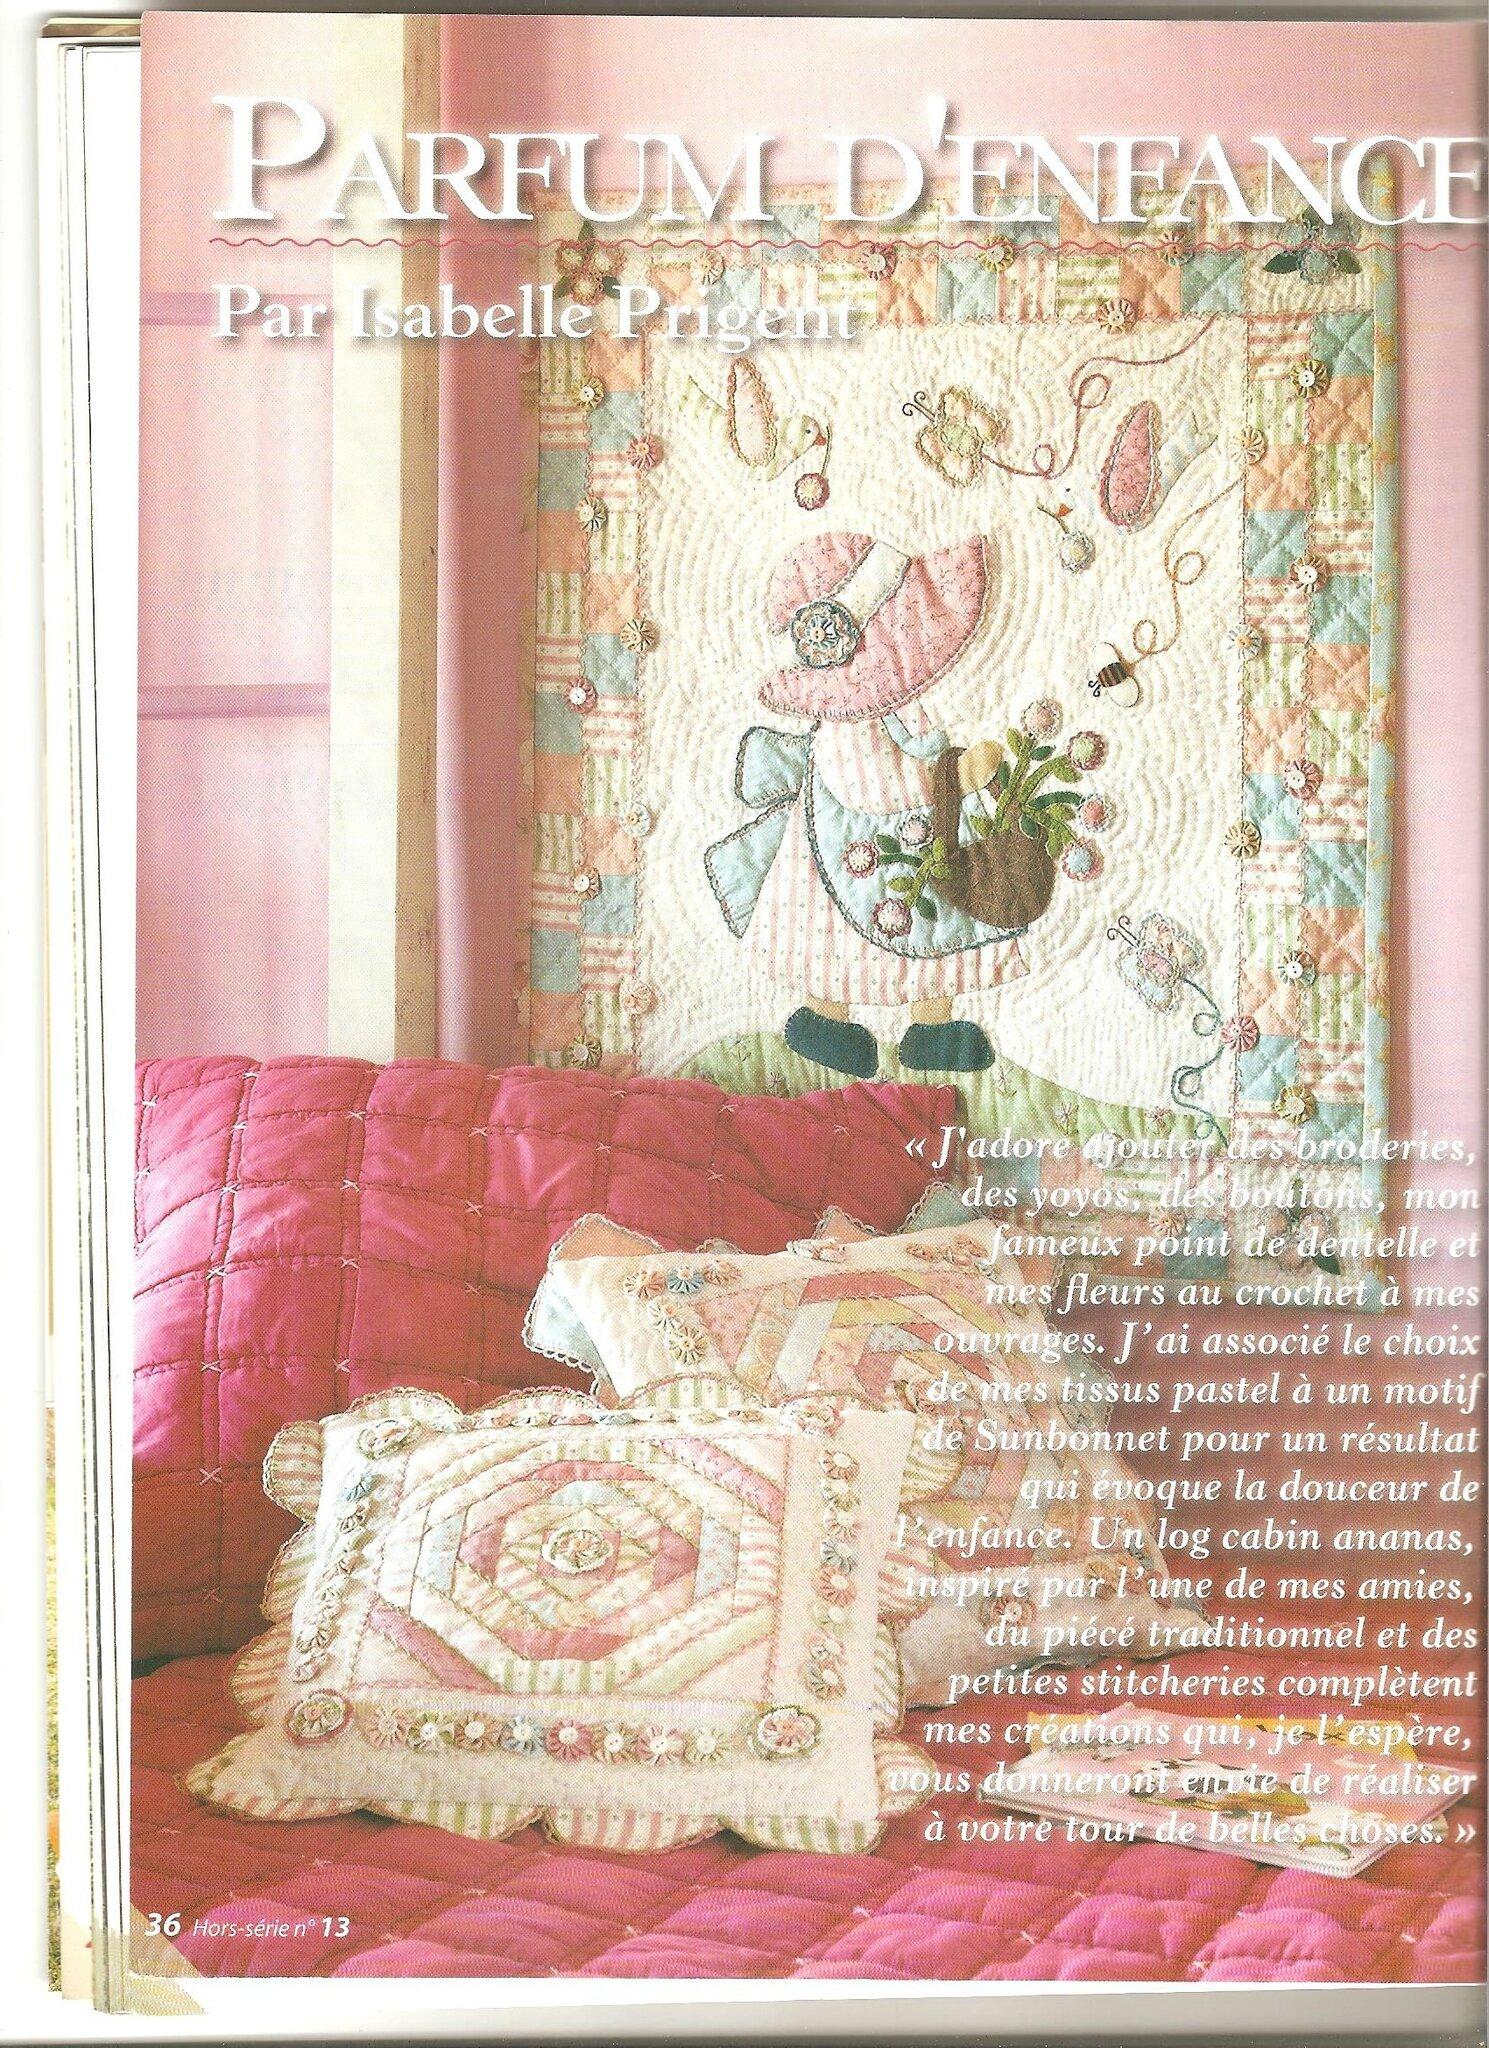 * Parfum d' enfance par Isabelle Prigent